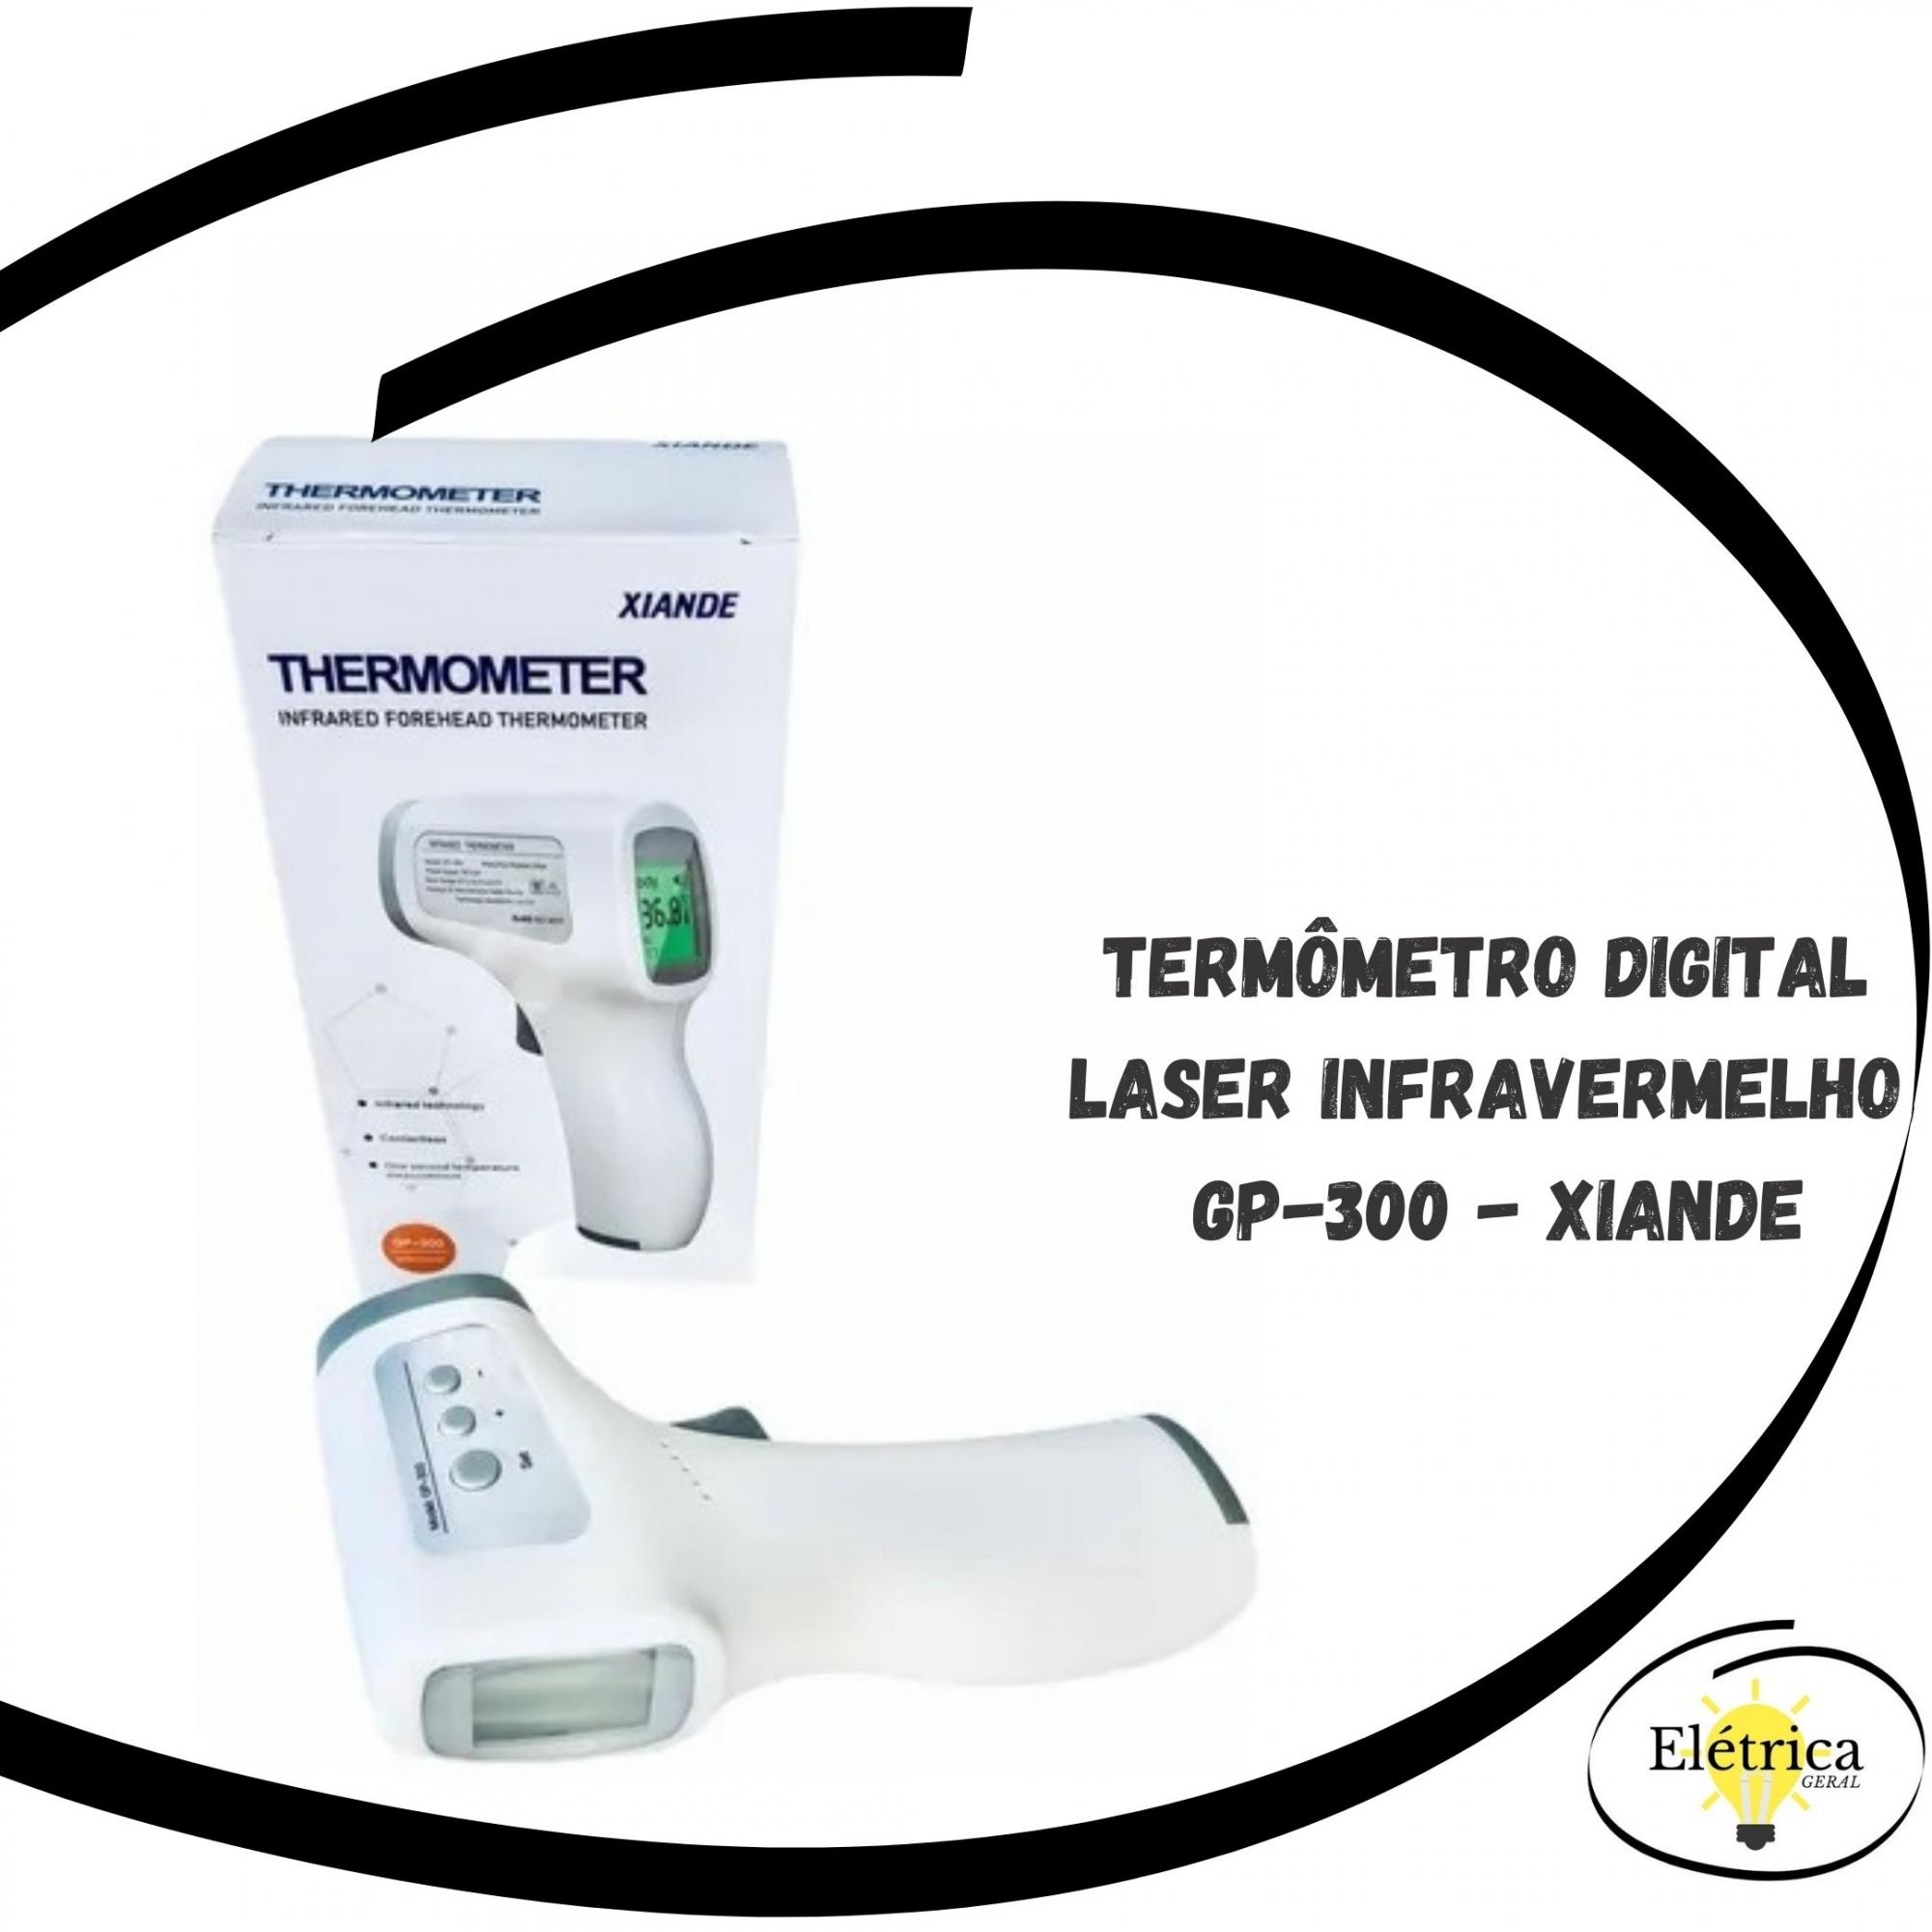 Termômetro Digital Laser Infravermelho Medidor Febre Gp-300 - Xiande